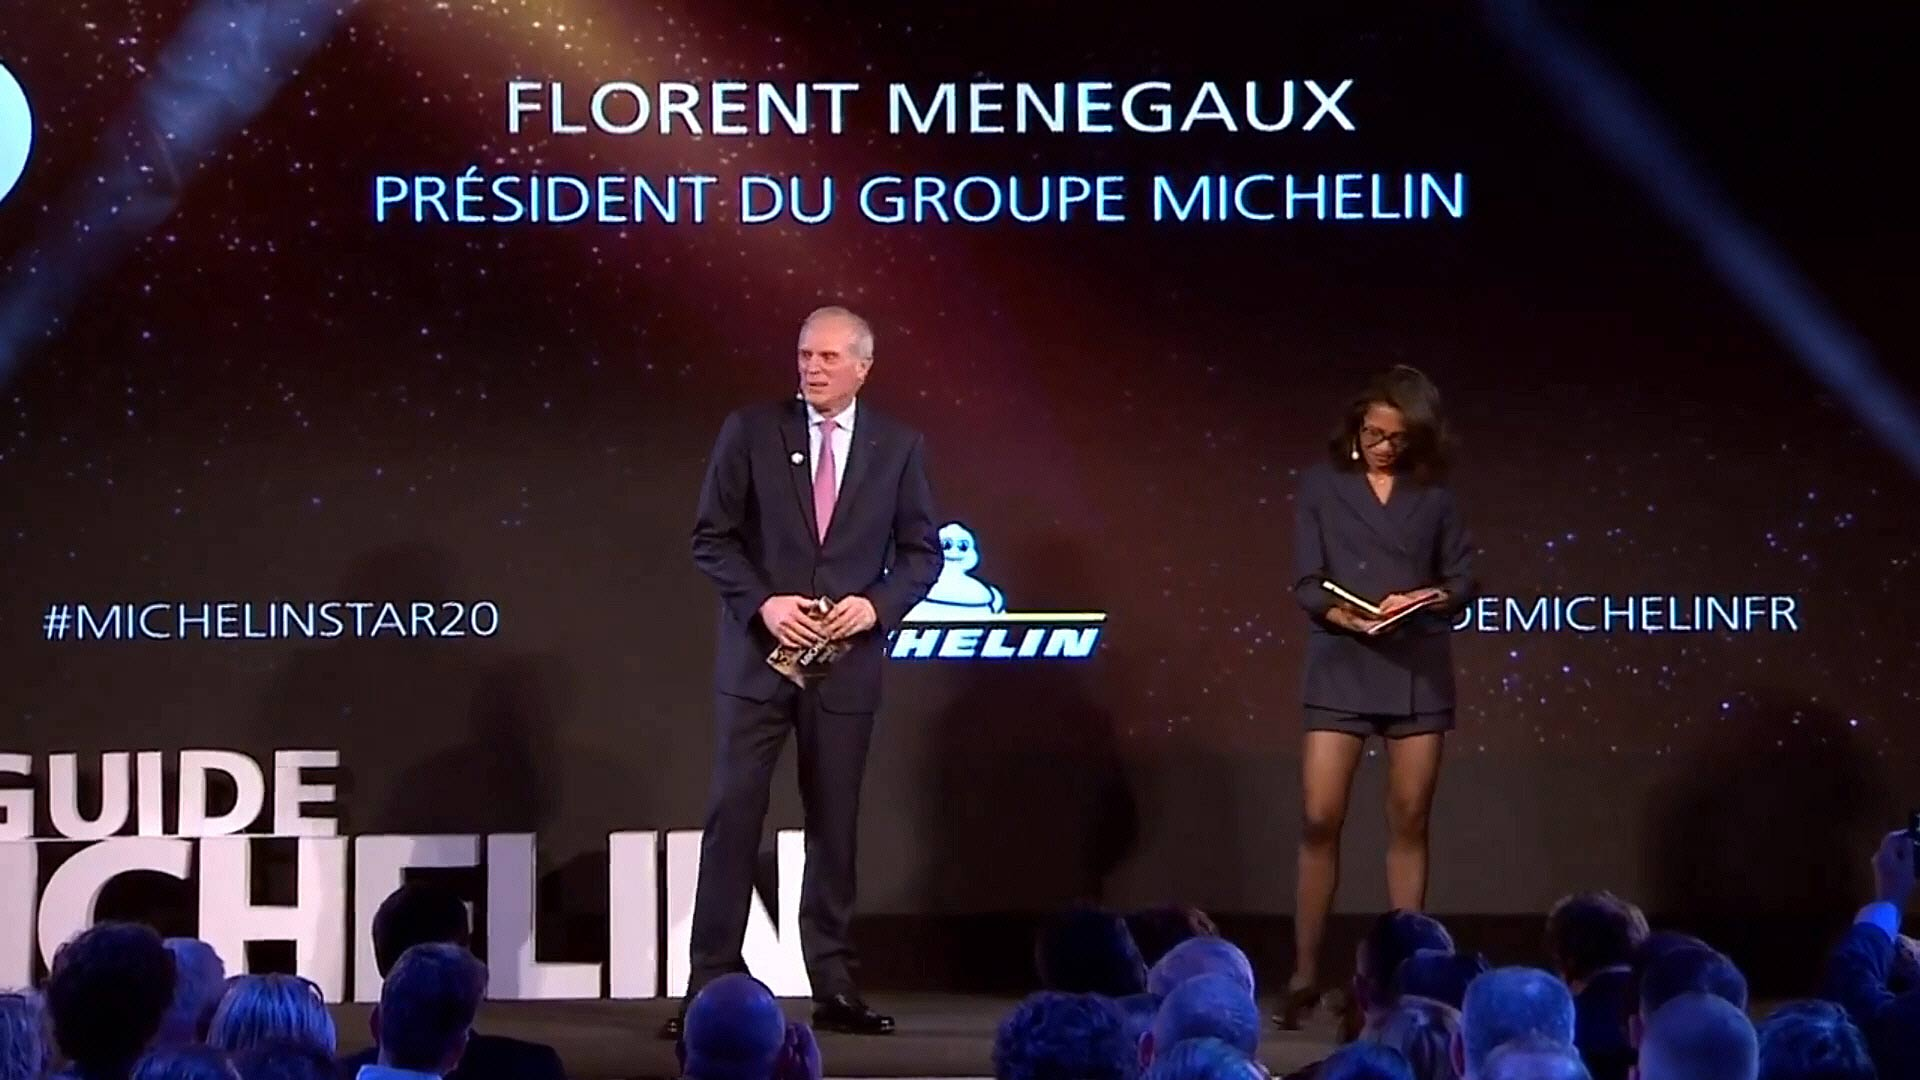 Florent Menegaux - Président du groupe Michelin